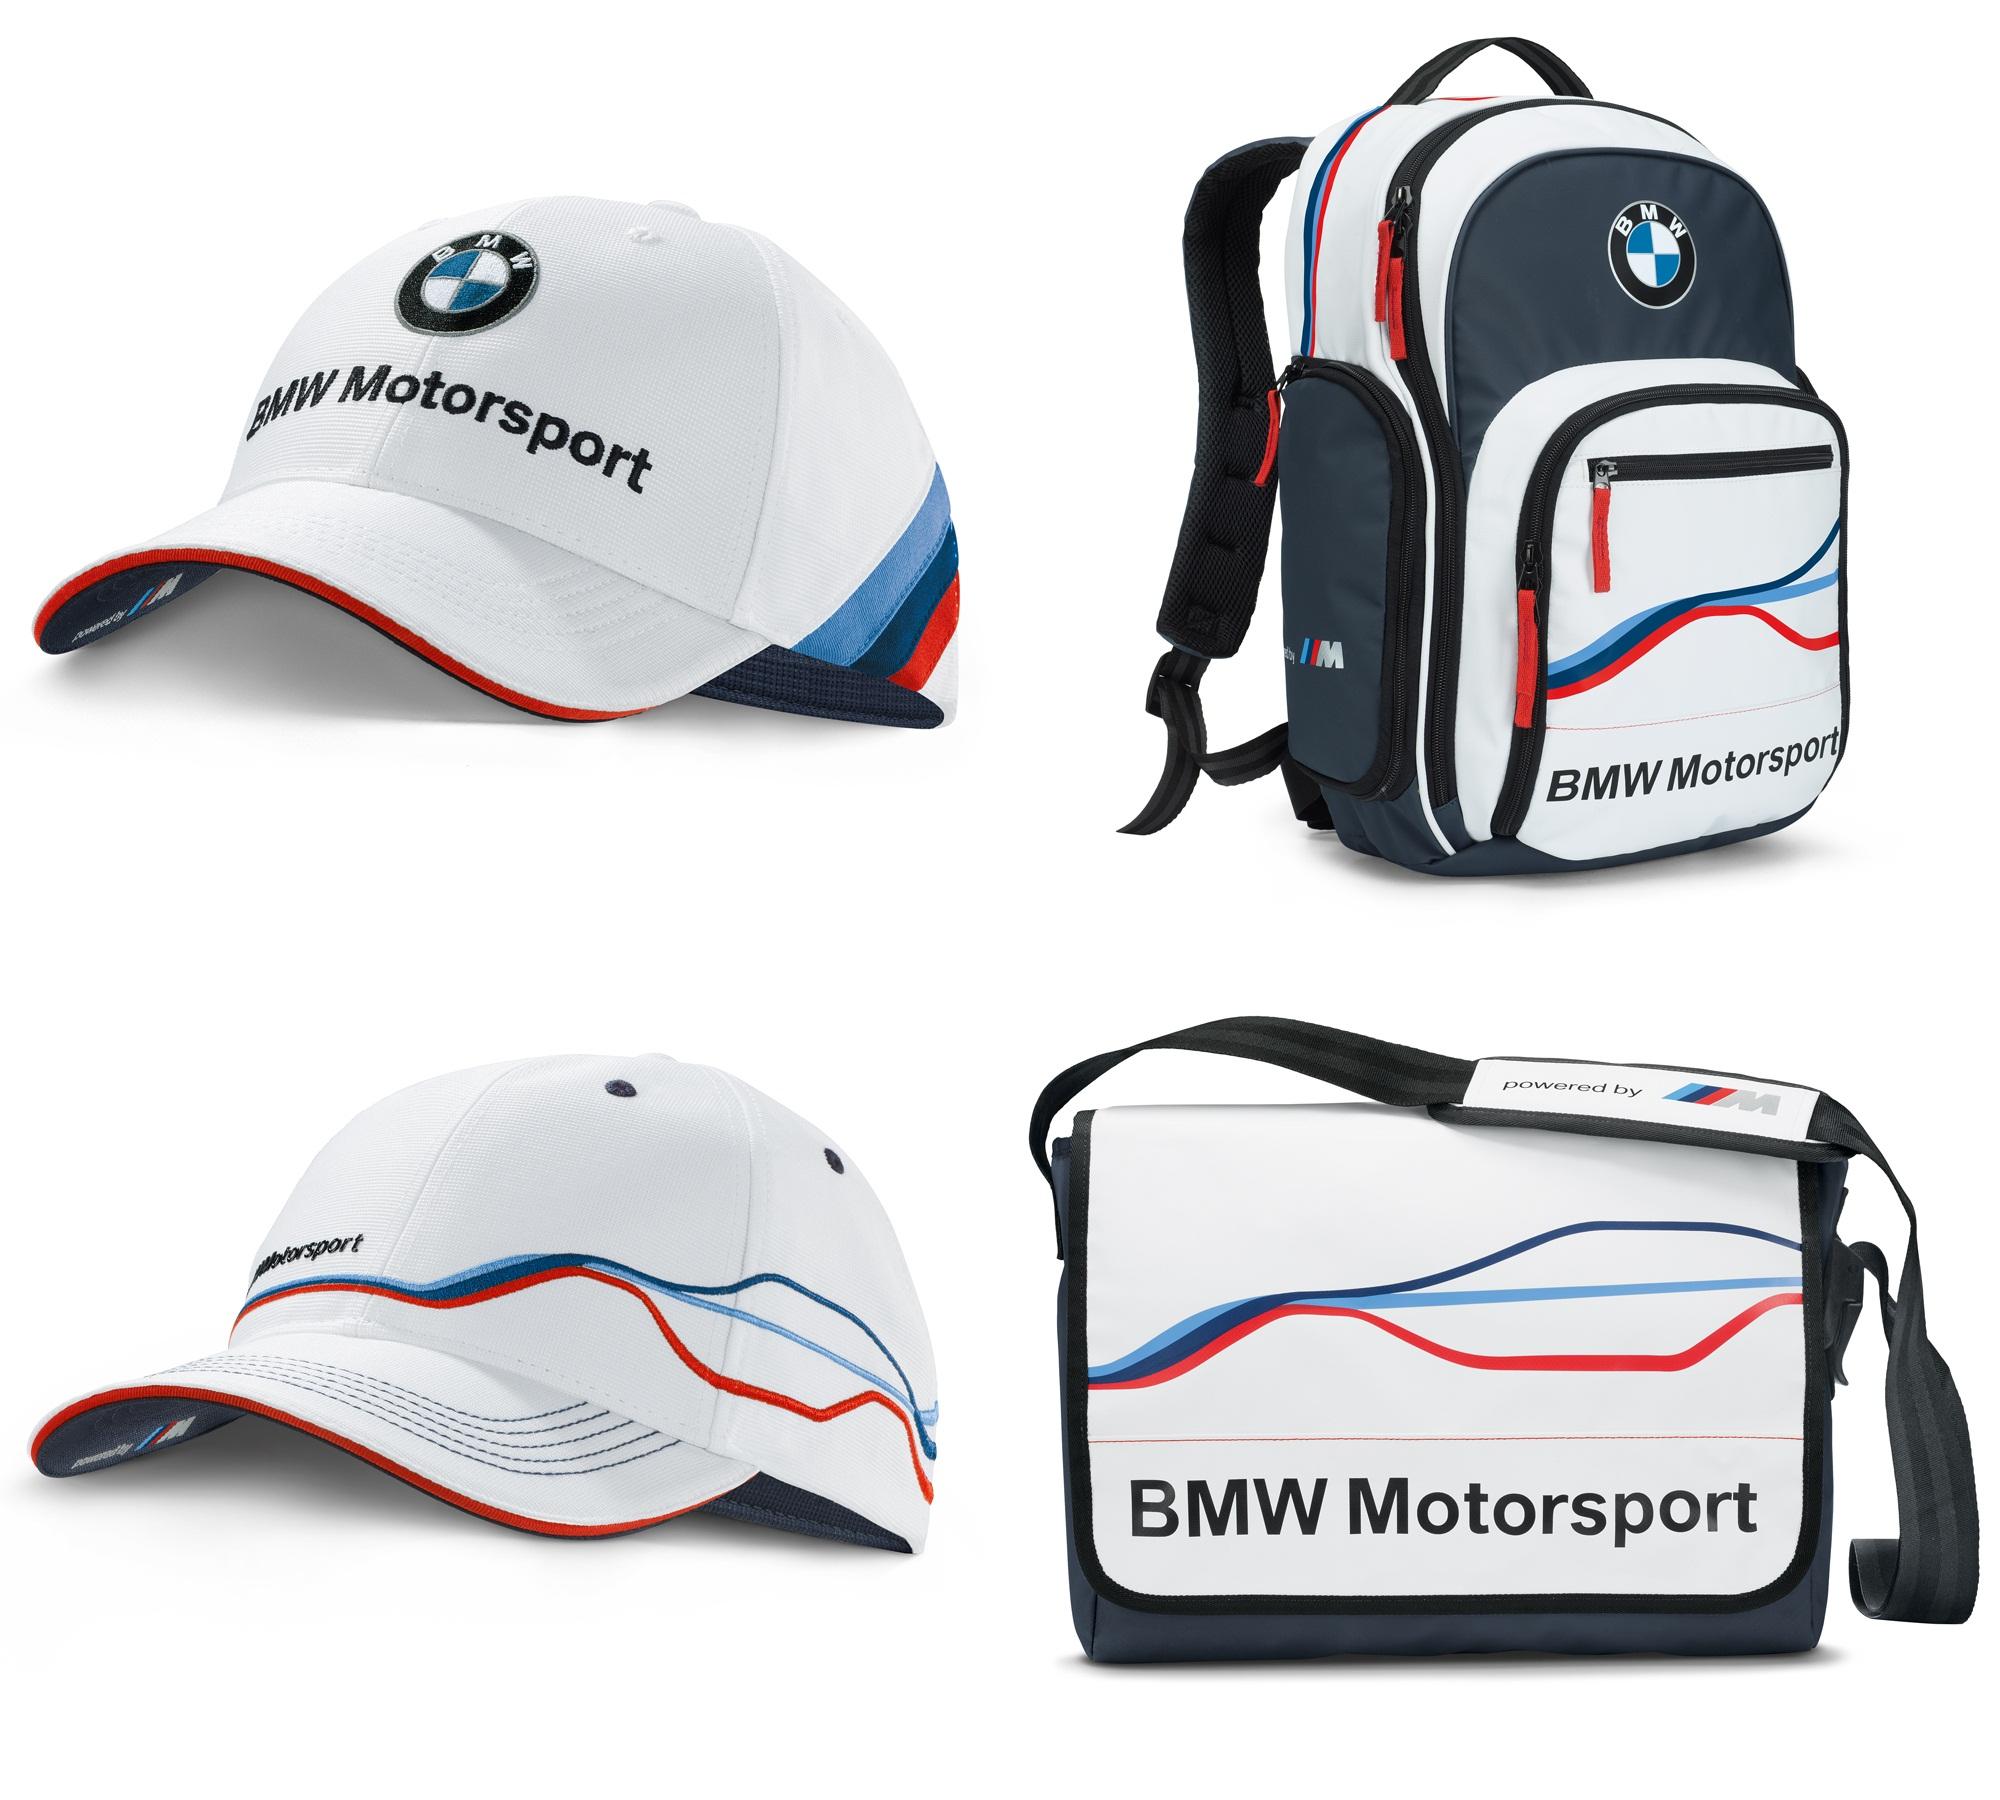 New BMW Motorsport Gear For The 2015 Season | BMW Car Club ...